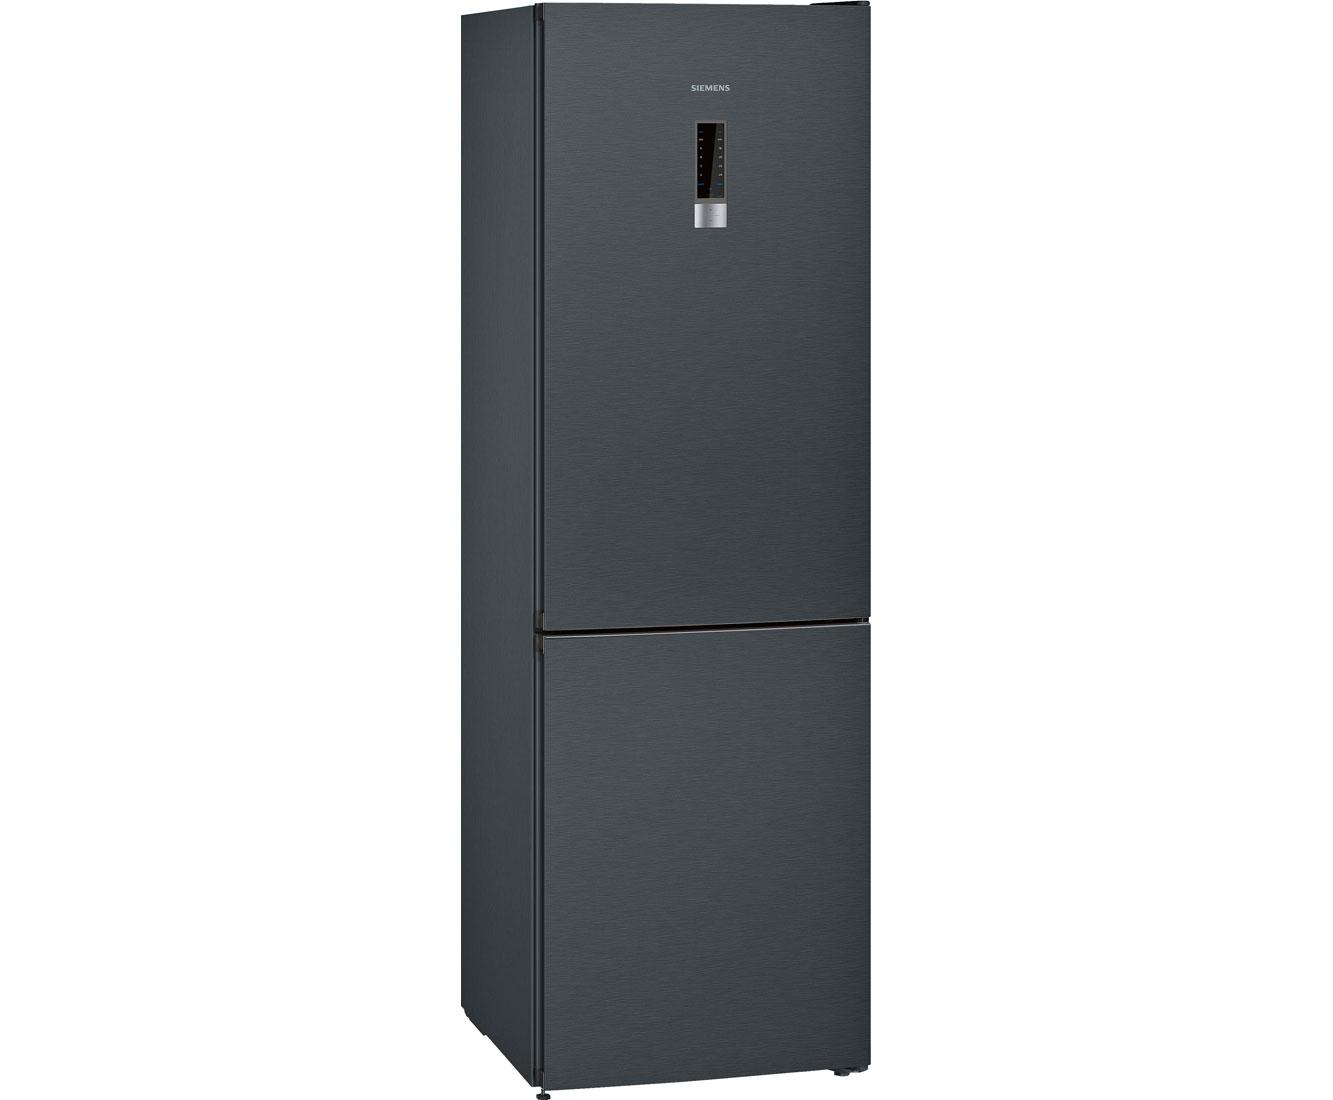 Siemens Kühlschrank Wie Lange Stehen Lassen : Siemens iq kg nxx a kühlschrank schwarz edelstahl a